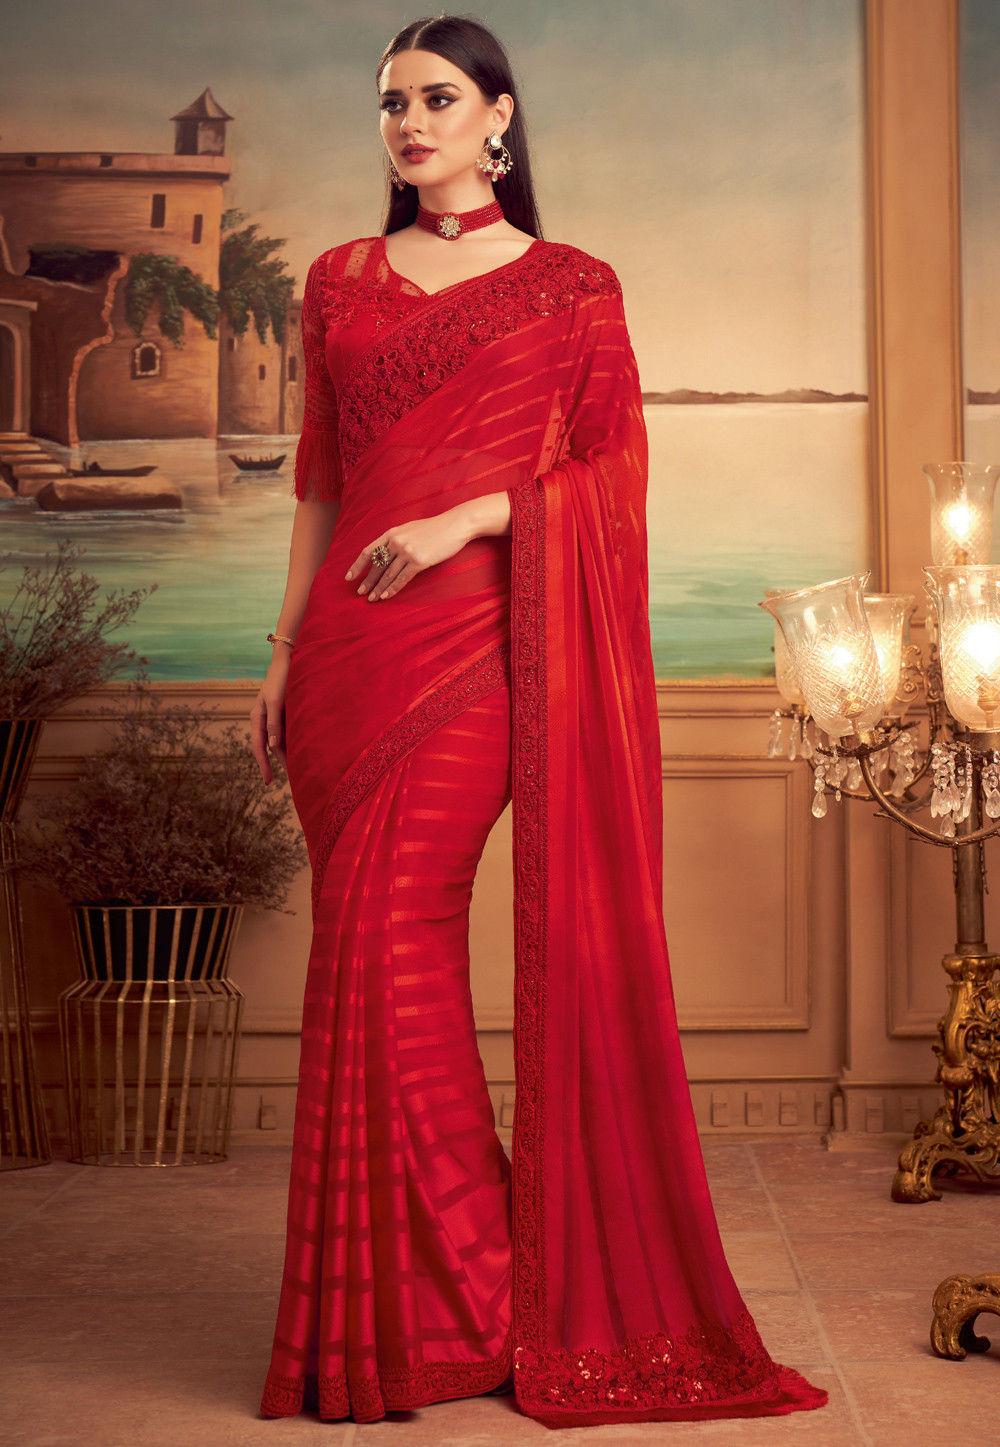 Party Wear Hot Red Chiffon Saree Heavy Resham Work